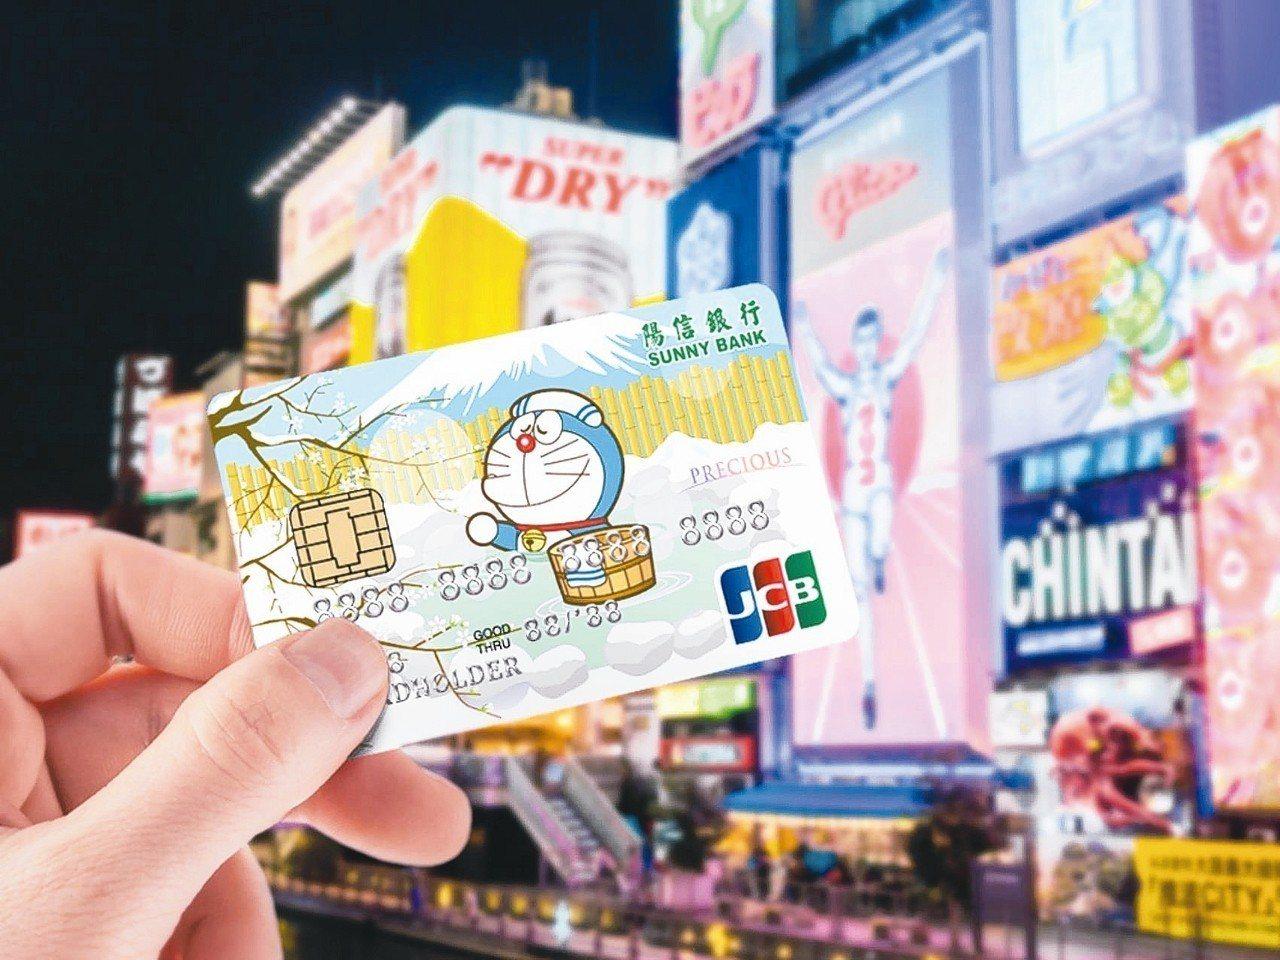 陽信銀預計5月將推出全新信用卡「哆啦A夢晶緻卡」,國內回饋1%、日韓回饋3%,滿...